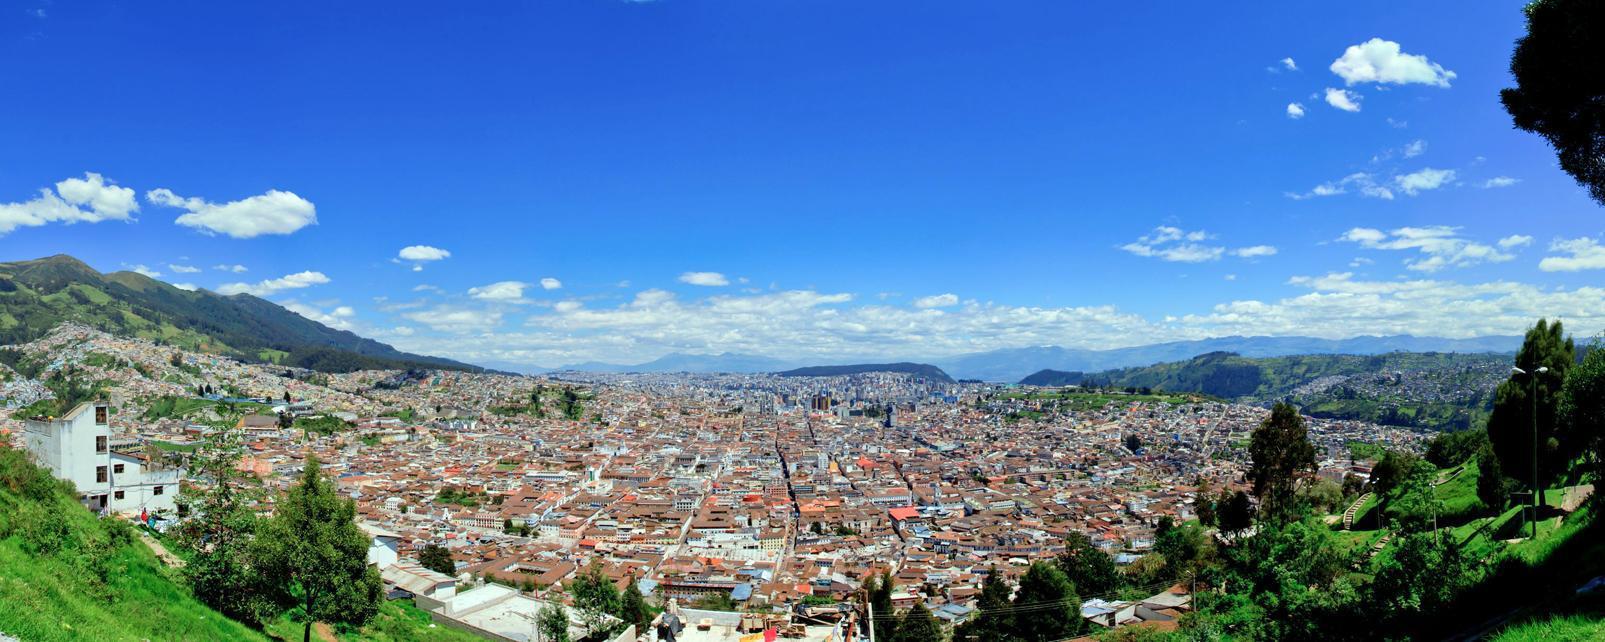 Amérique; Amérique du Sud; Equateur et Galapagos; Quito;